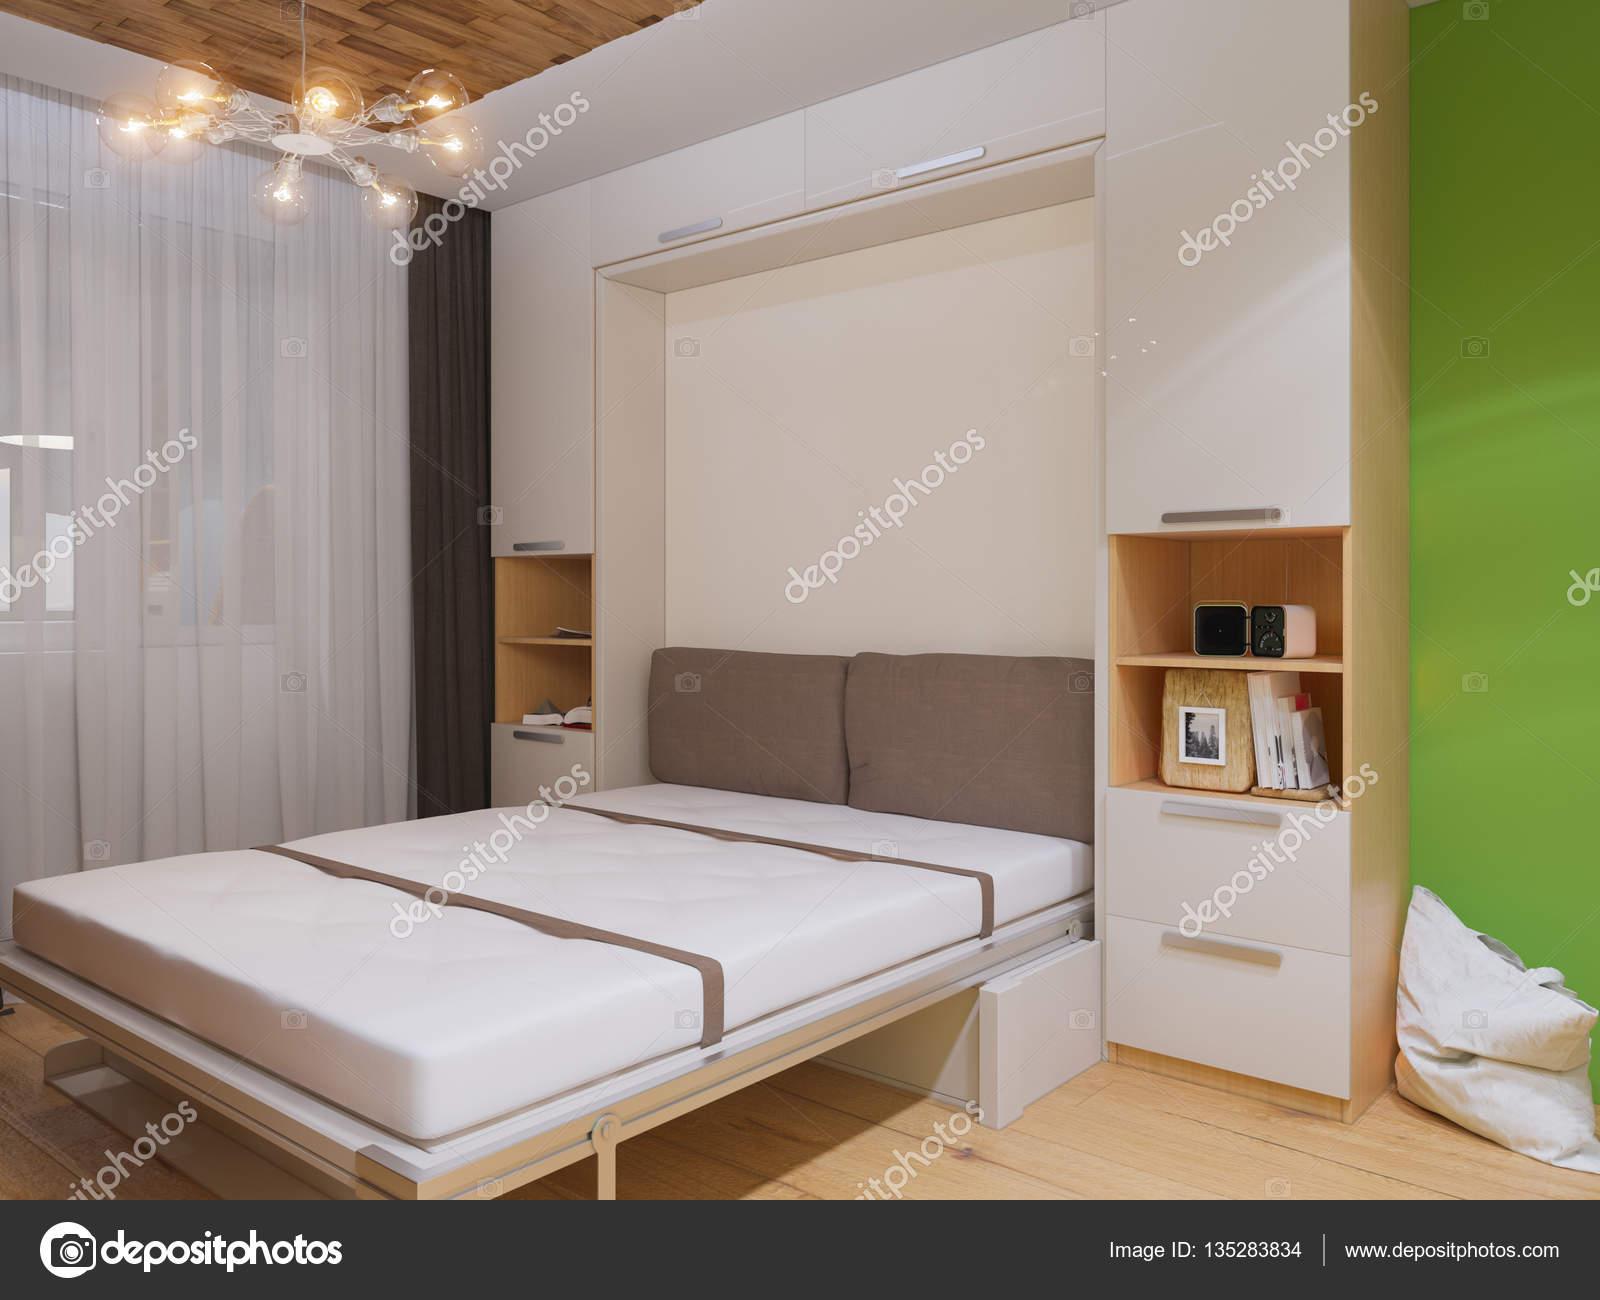 3d illustratie van interieur design woonkamer met bed kledingkast interieur is gemaakt in moderne minimalistische stijl foto van richman21